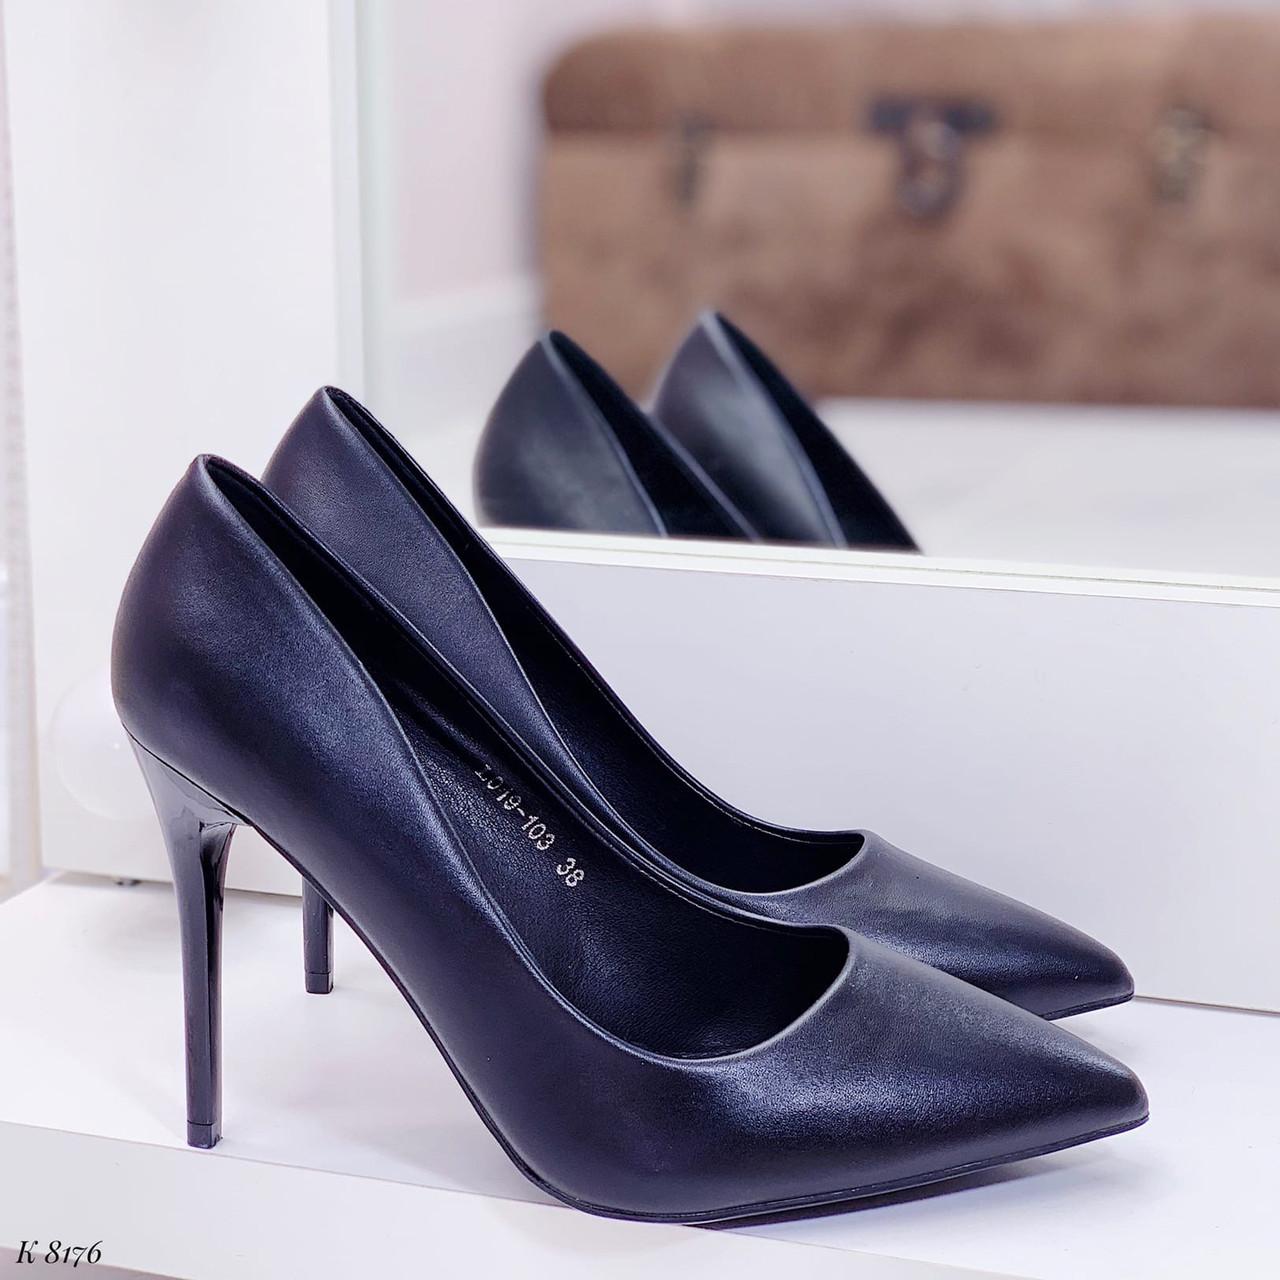 ТІЛЬКИ 40 р!!! Жіночі туфлі чорні човники на підборах 10 см еко шкіра